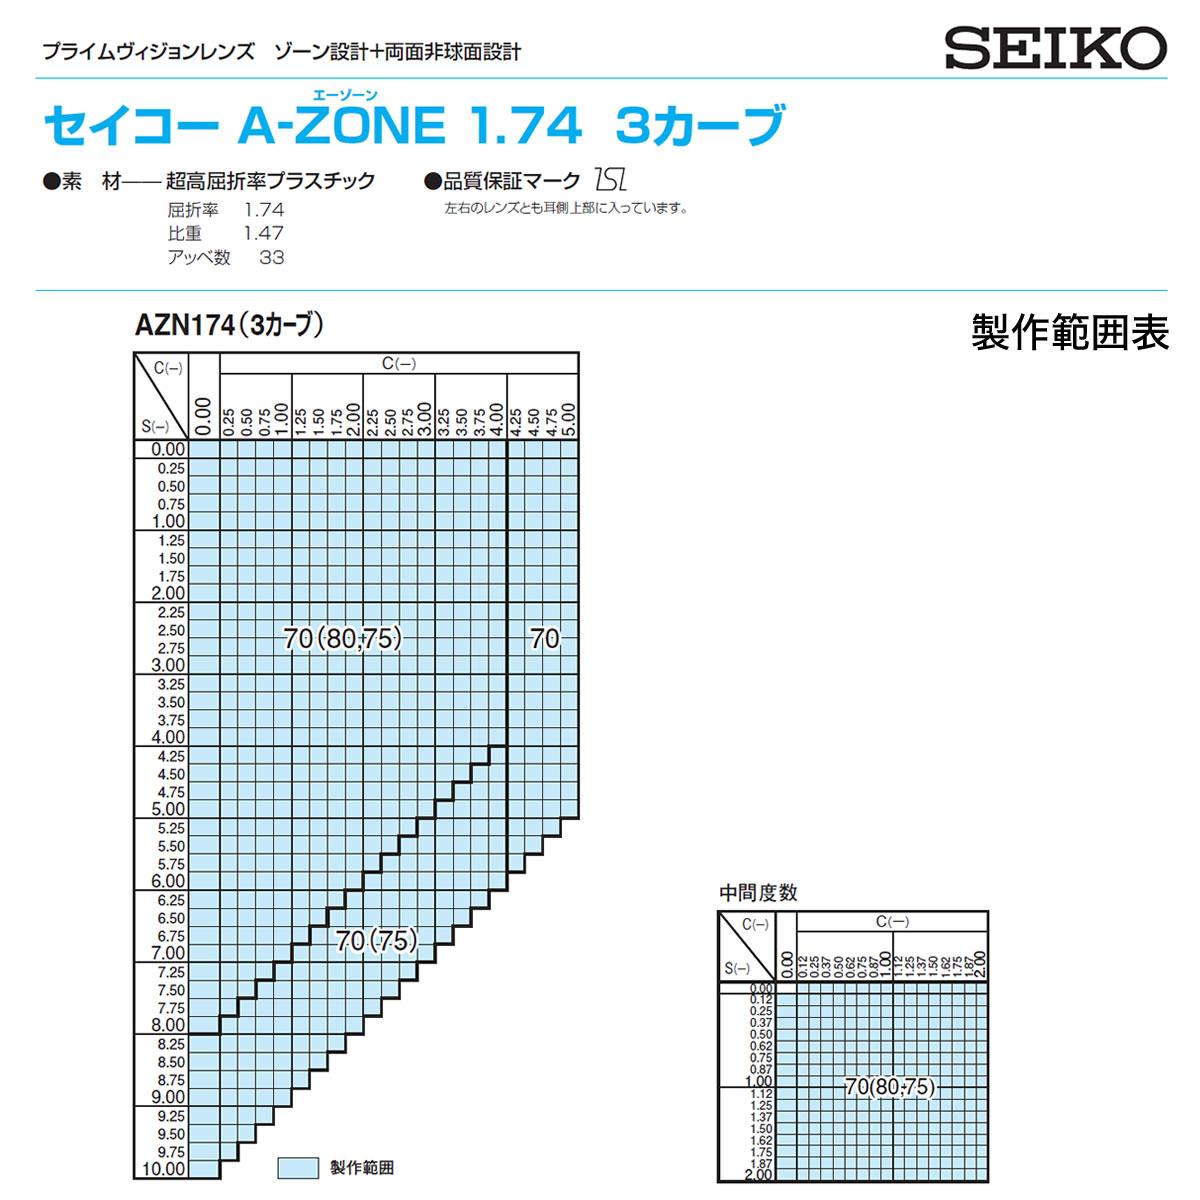 A-ZONE SRC 174 SEIKO (セイコー) レンズ 1.74 両面非球面 カーブ仕様 ZONE設計 度付き